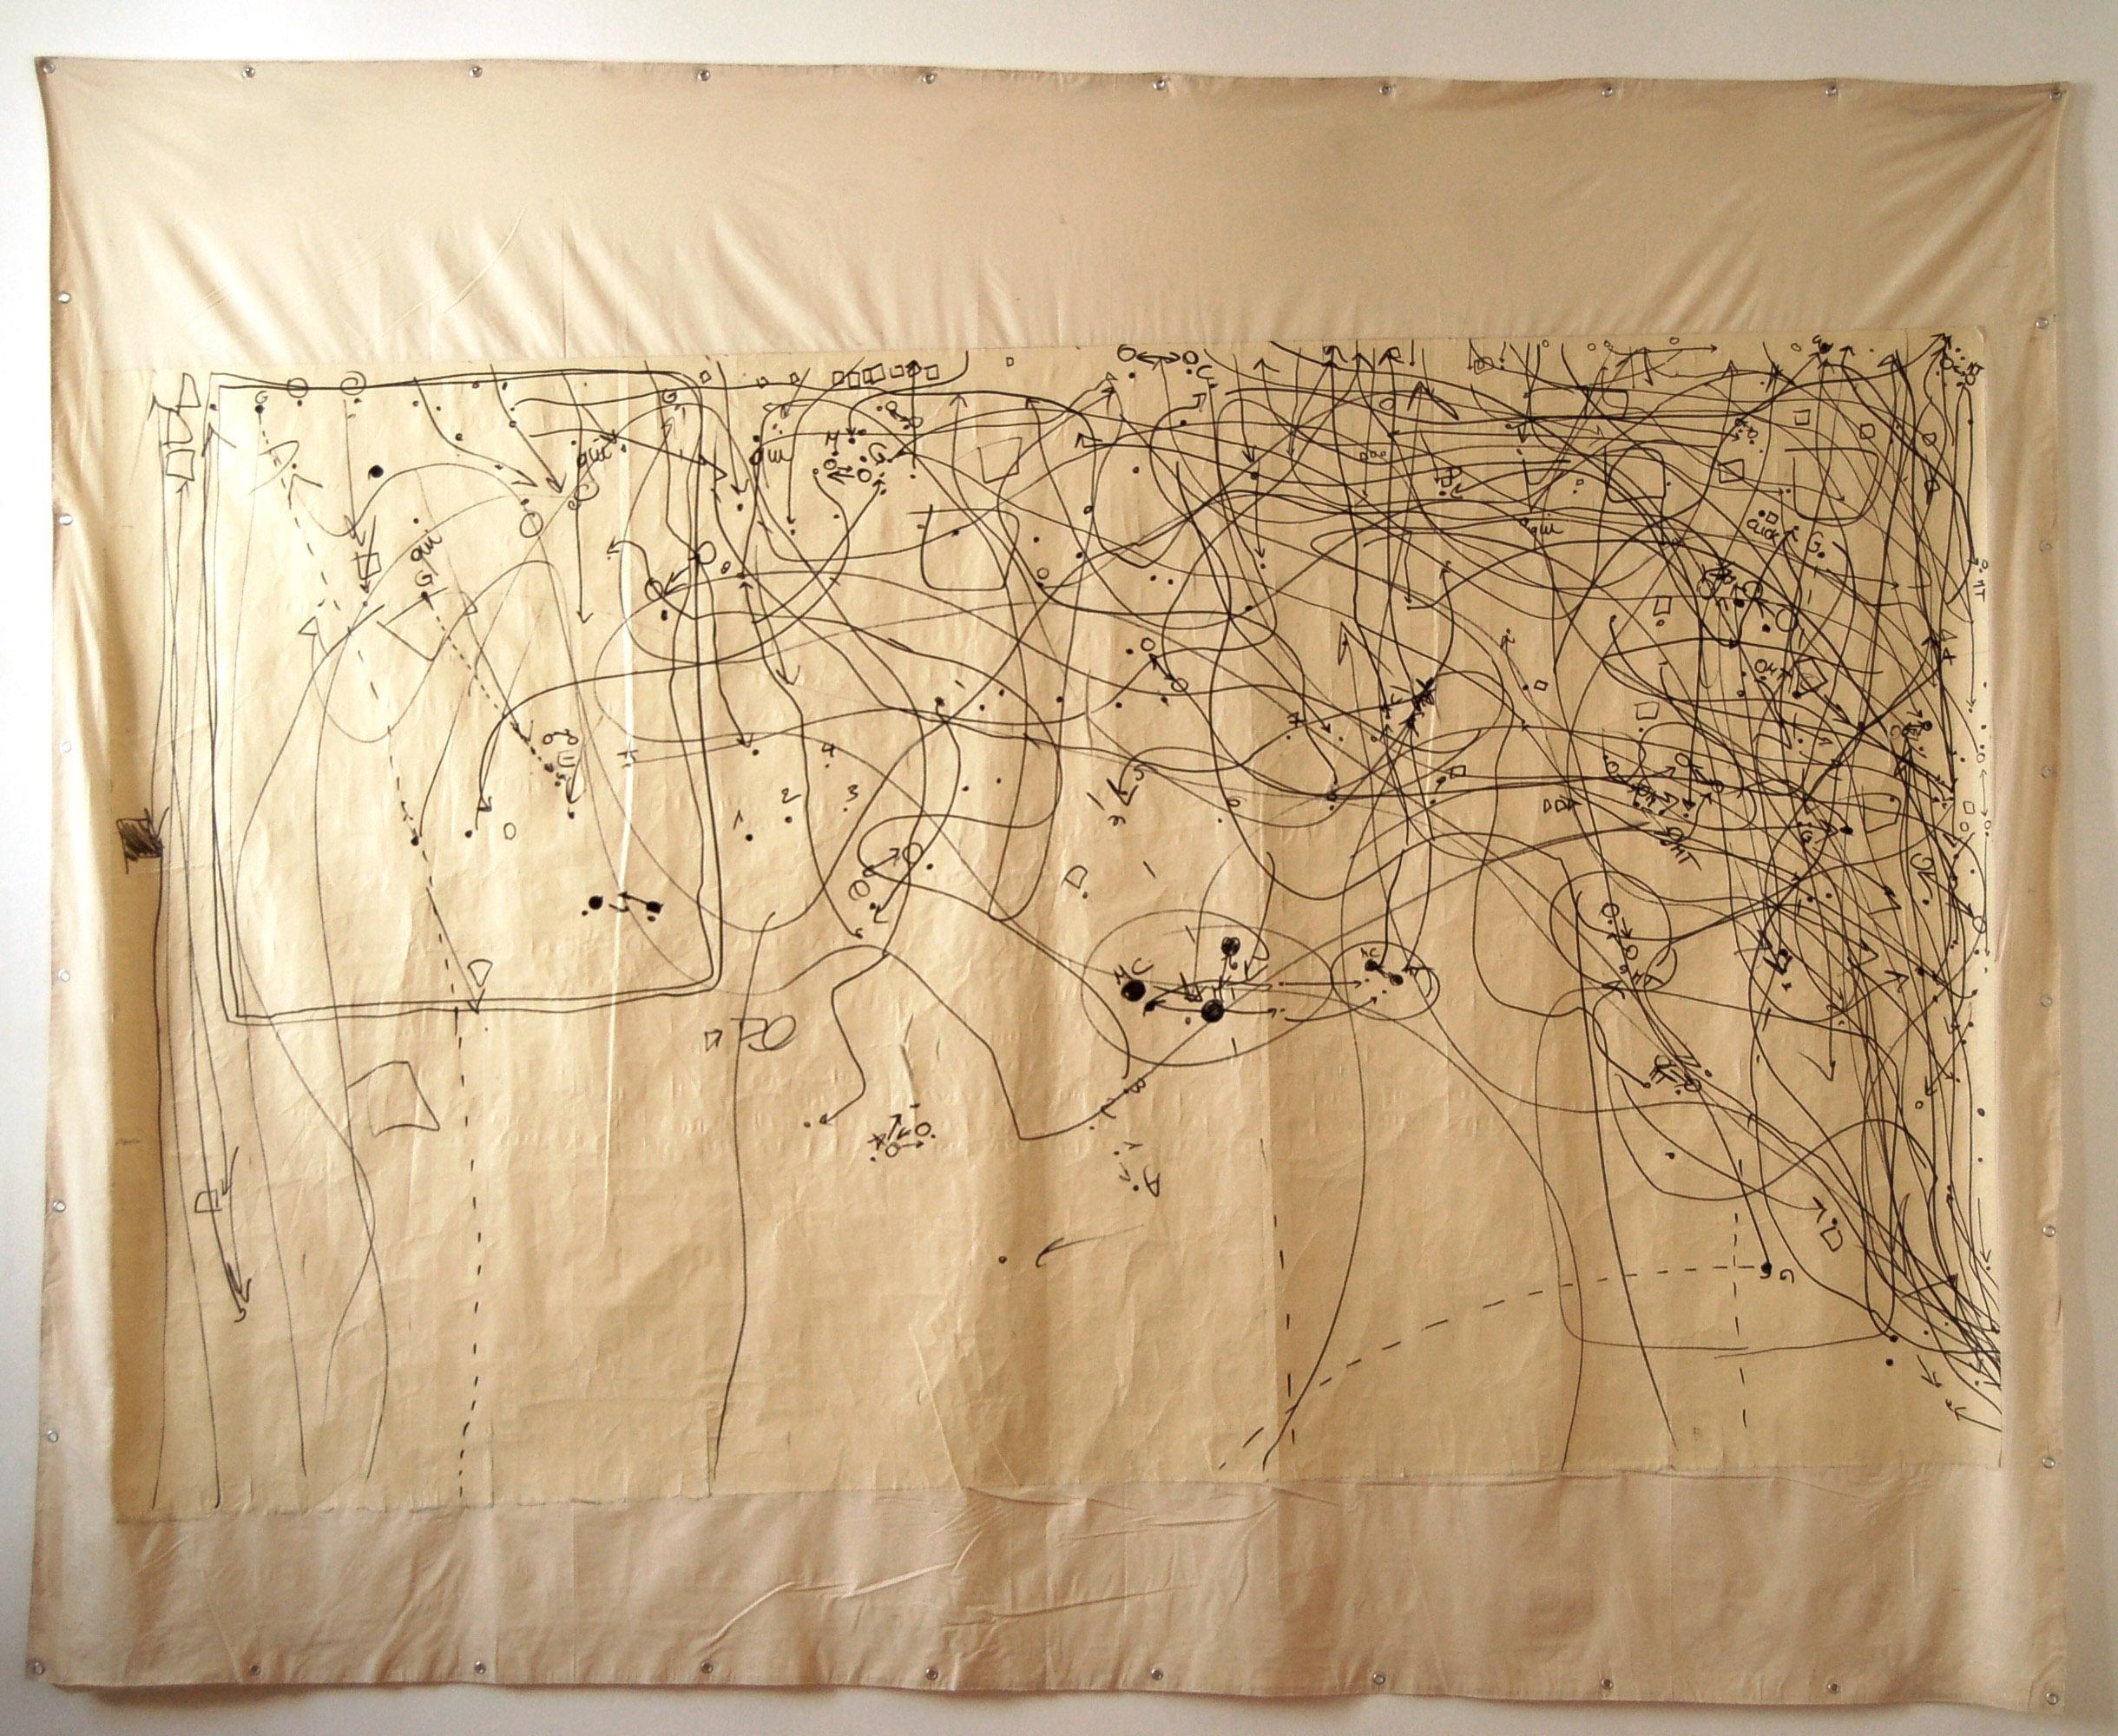 Giulia-Gallo-Remembering-Maps-Serie-pennarello-indelebile-nastro-adesivo-su-tela-250x300-cm-2011-Remembering-Maps-Series-marker-paper-tape-on-canvas